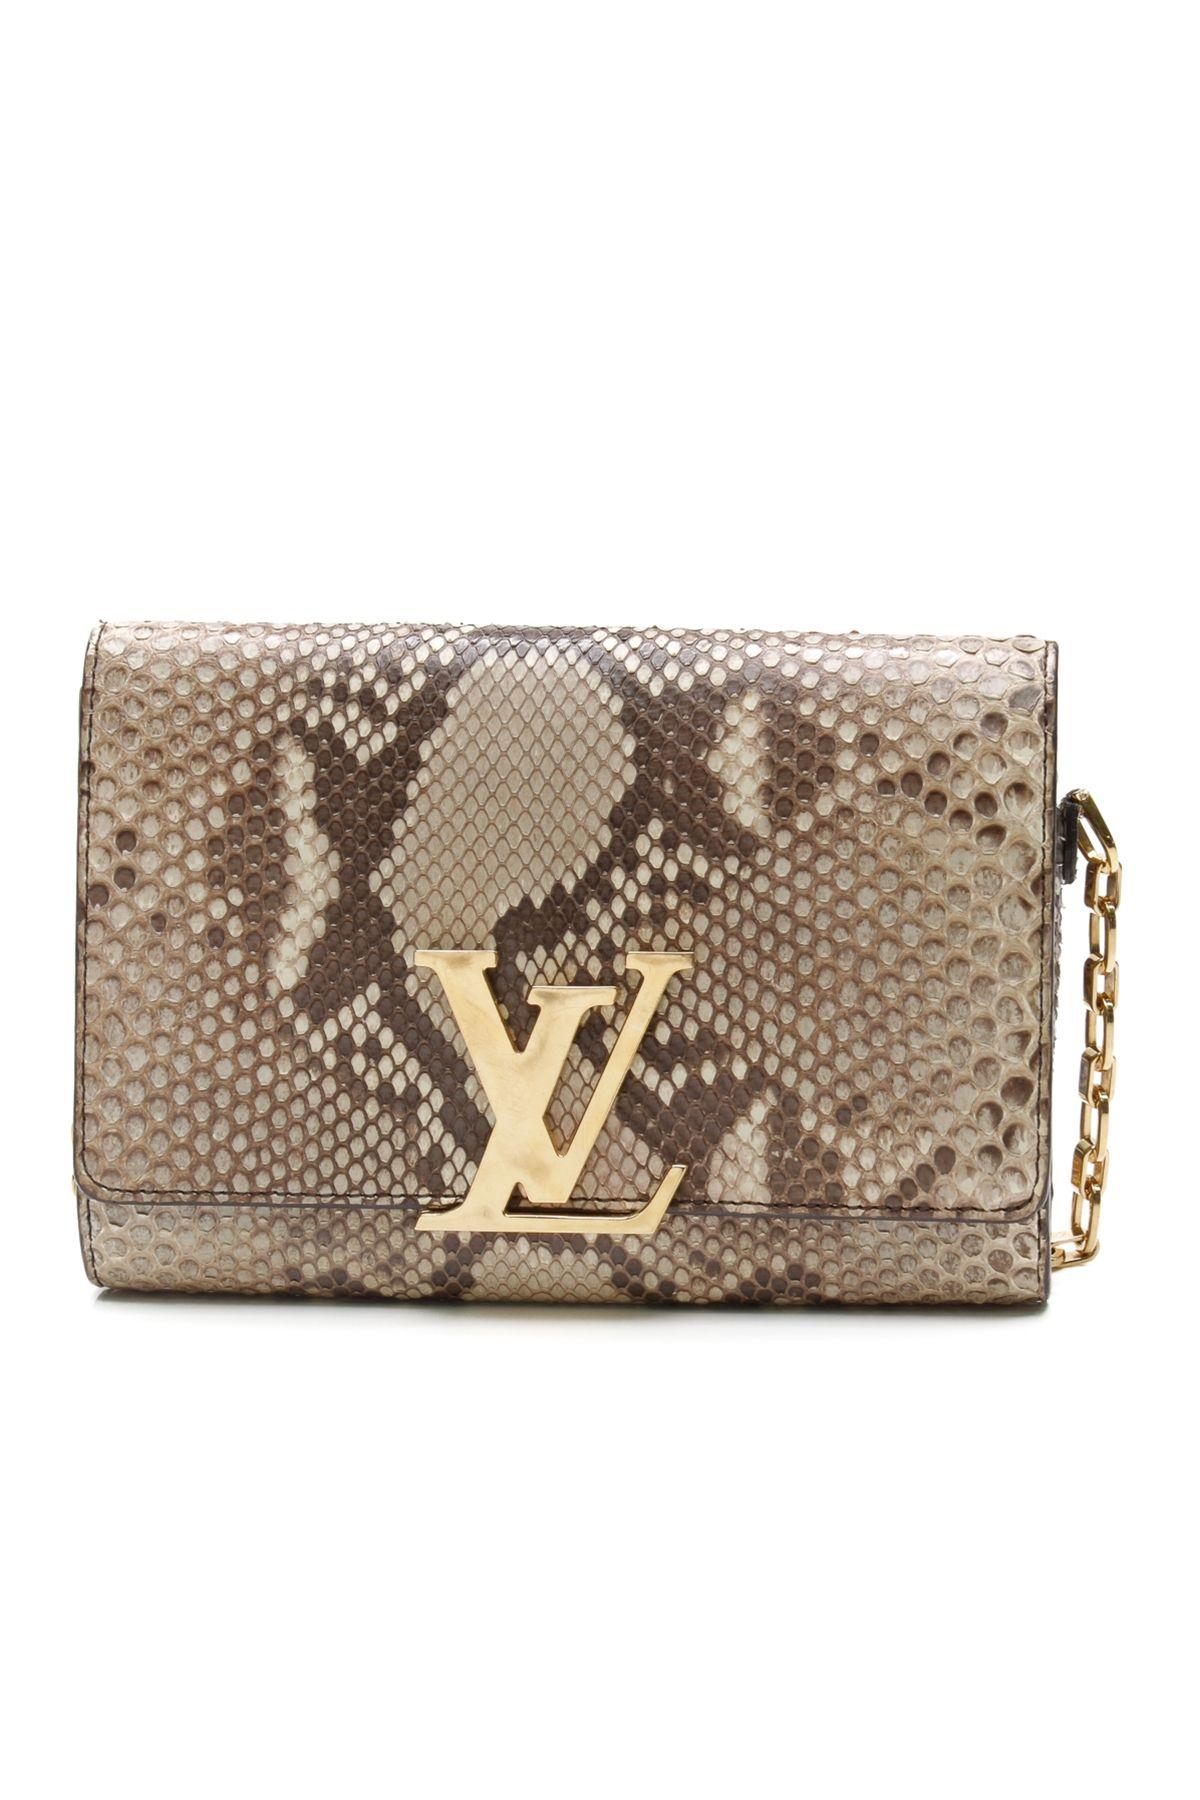 Louis Vuitton Beige Python Chain Louise Clutch Bag  ccc8616174b